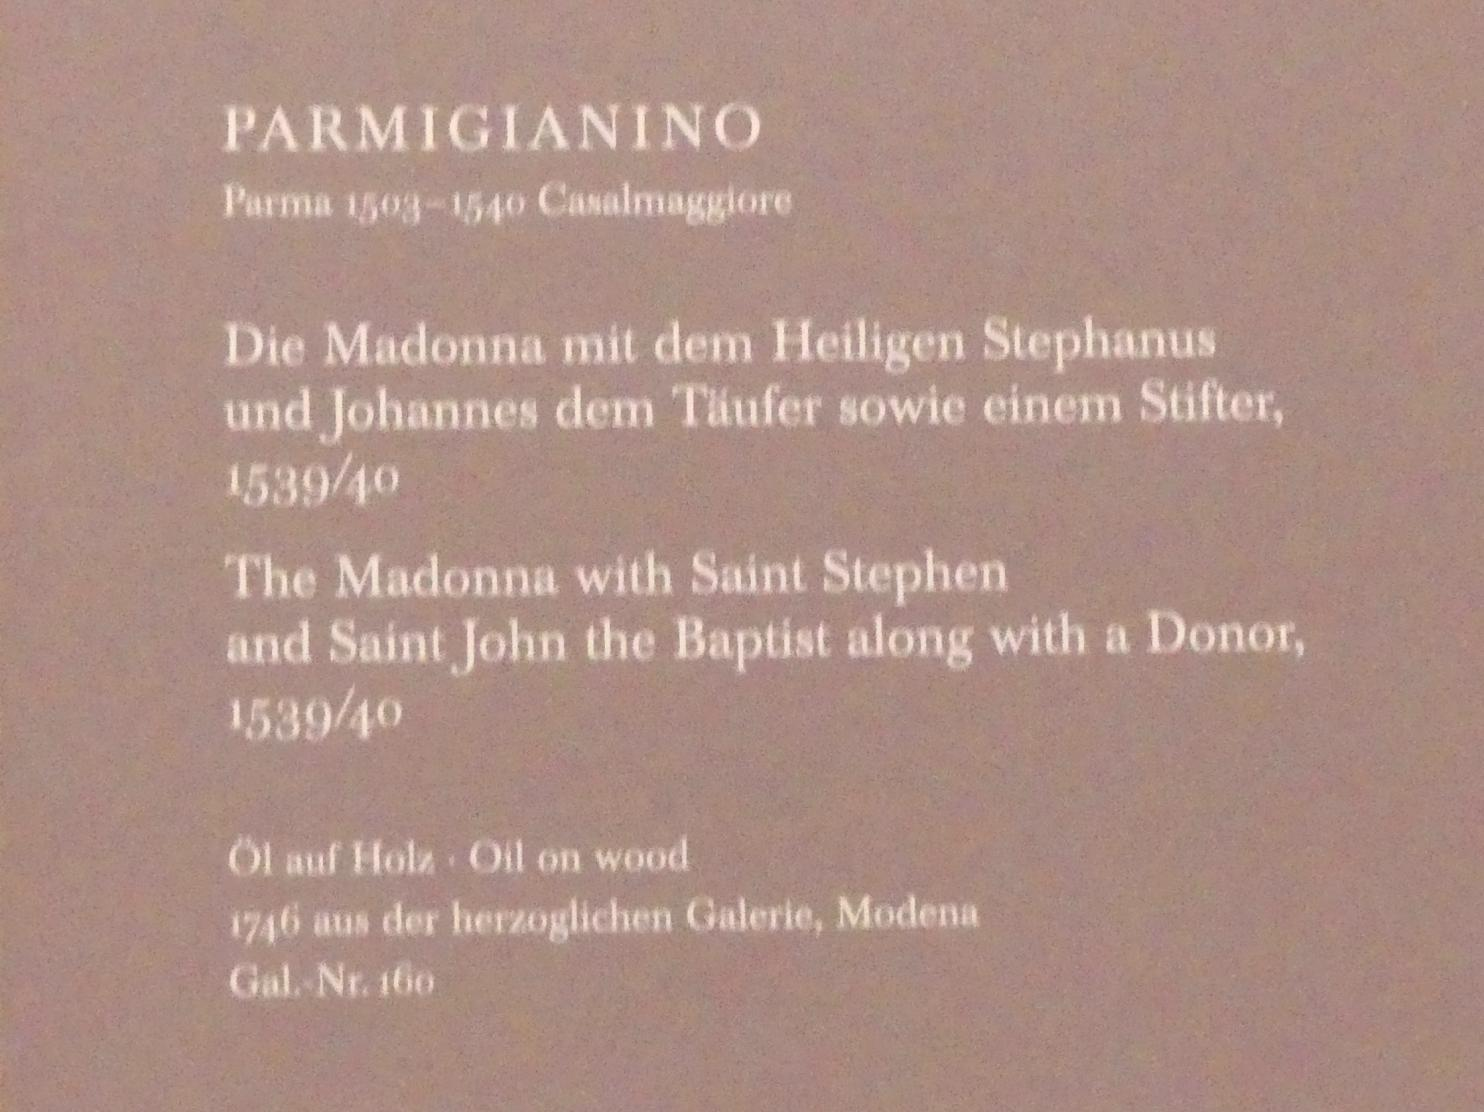 Parmigianino (Girolamo Francesco Maria Mazzola): Die Madonna mit dem Heiligen Stephan und Johannes dem Täufer sowie einem Stifter, 1539 - 1540, Bild 2/2